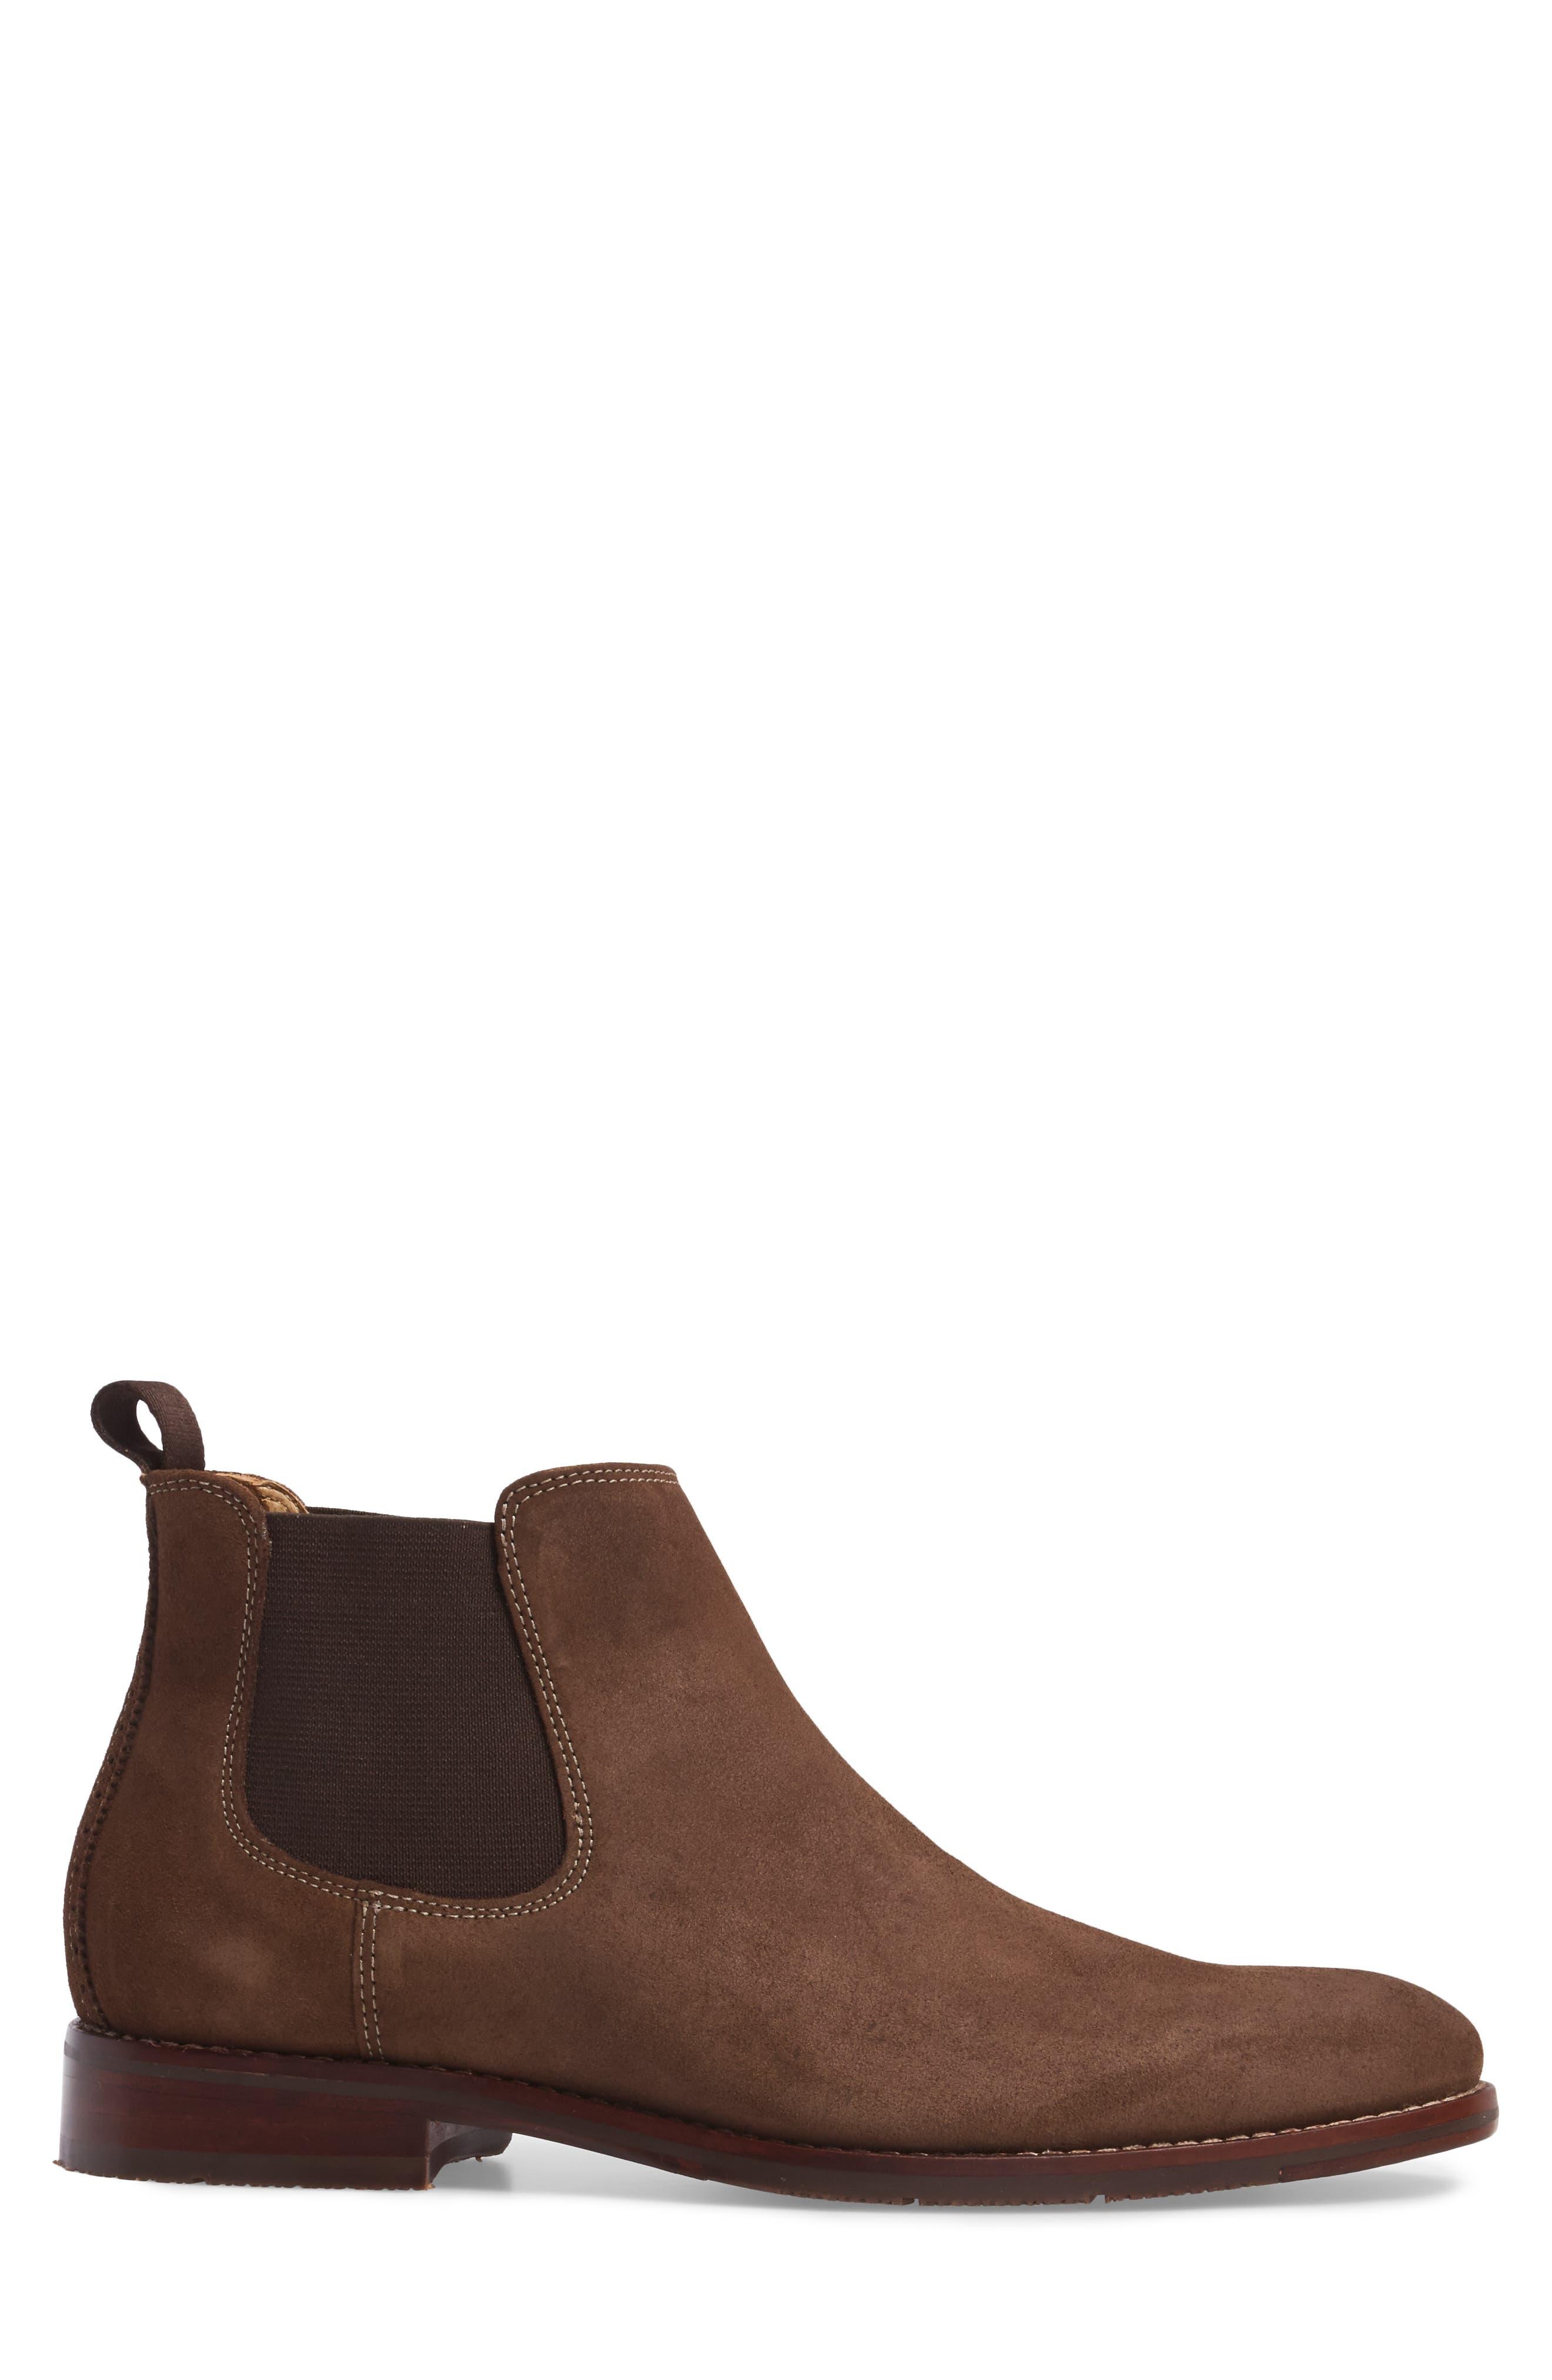 Garner Chelsea Boot,                             Alternate thumbnail 9, color,